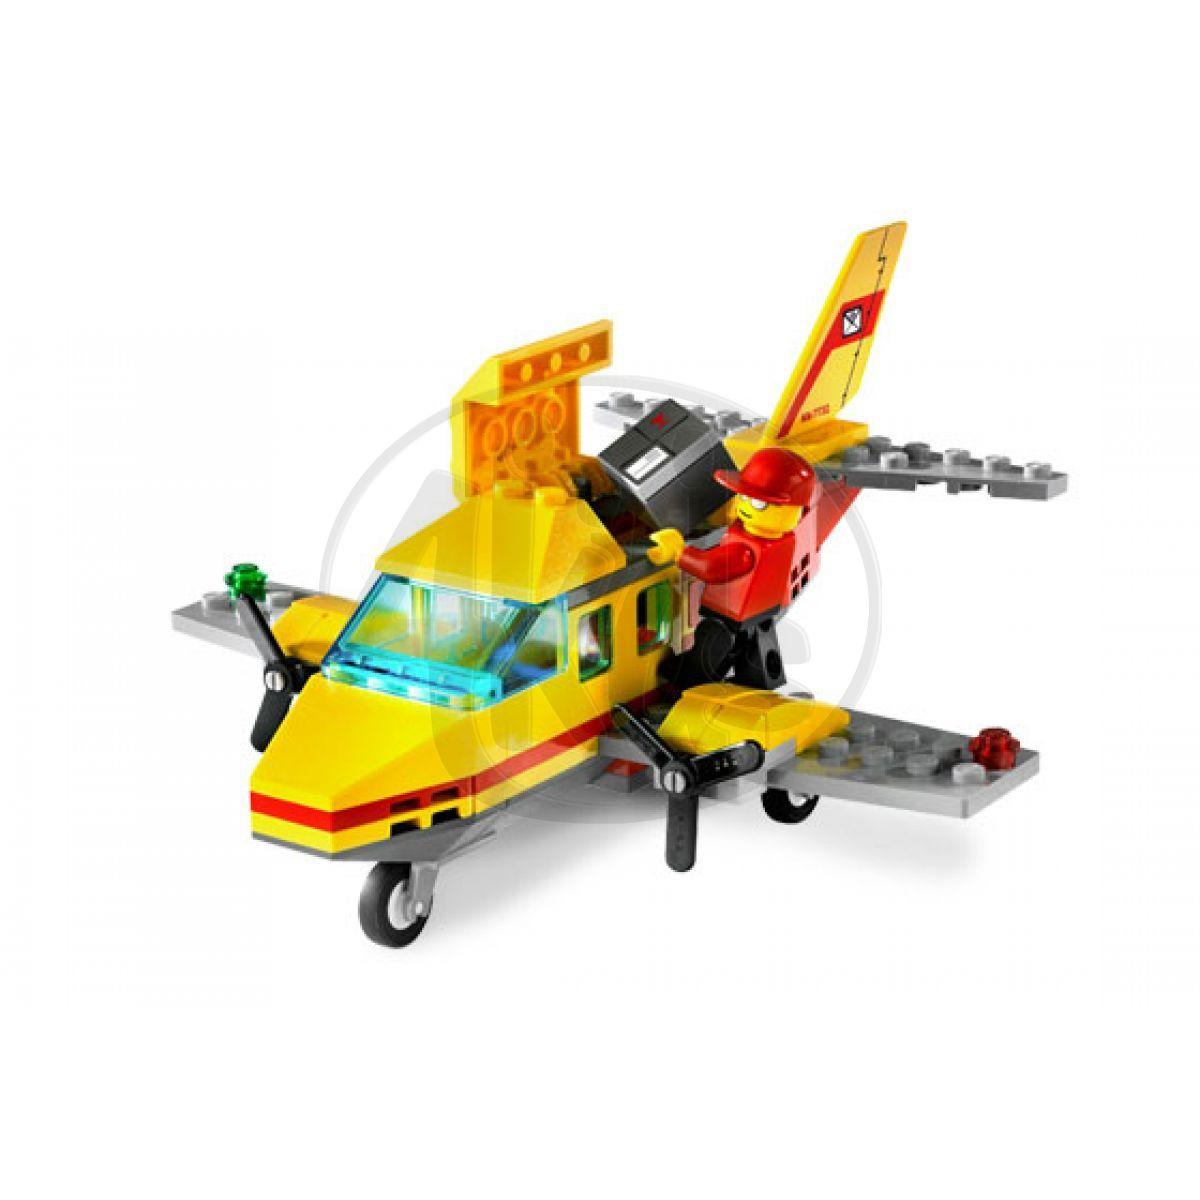 Как сделать из лего небольшой самолёт